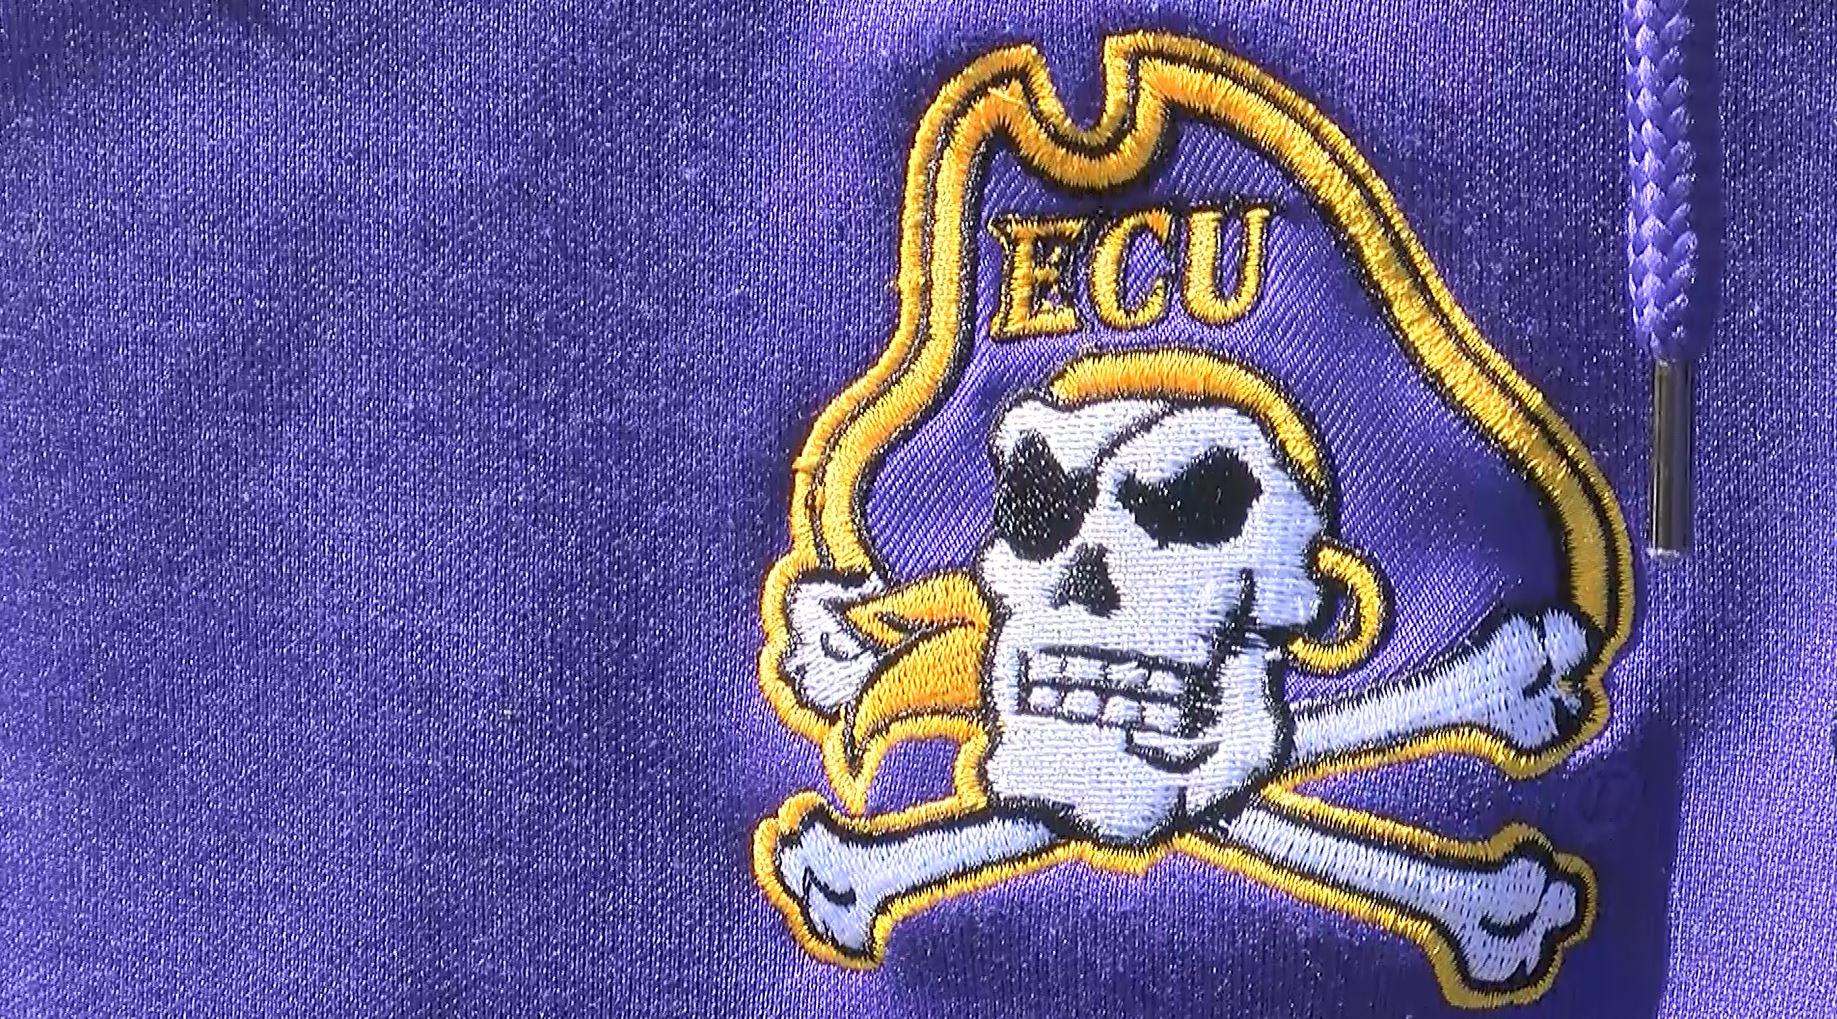 ecu logo on sweater_580223